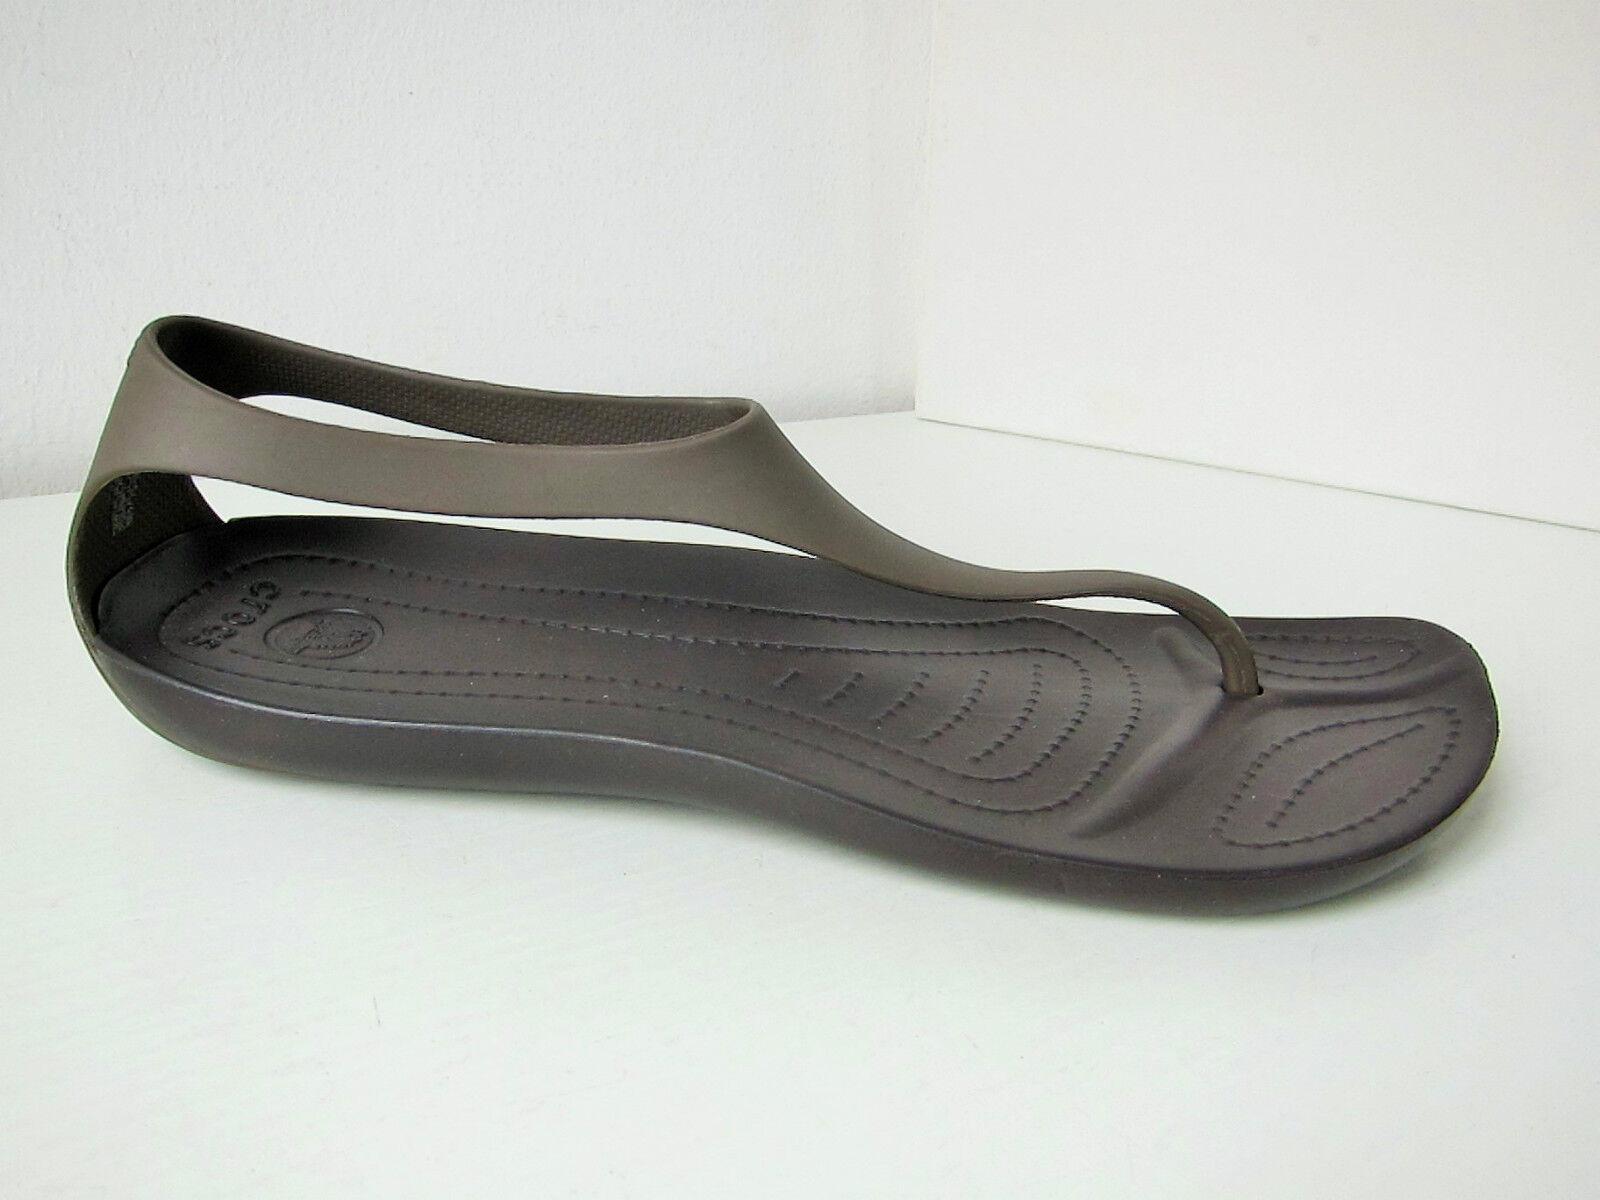 Crocs Sexi Flip Sandale brown W 11  42 43  sandals shoes thongs espresso